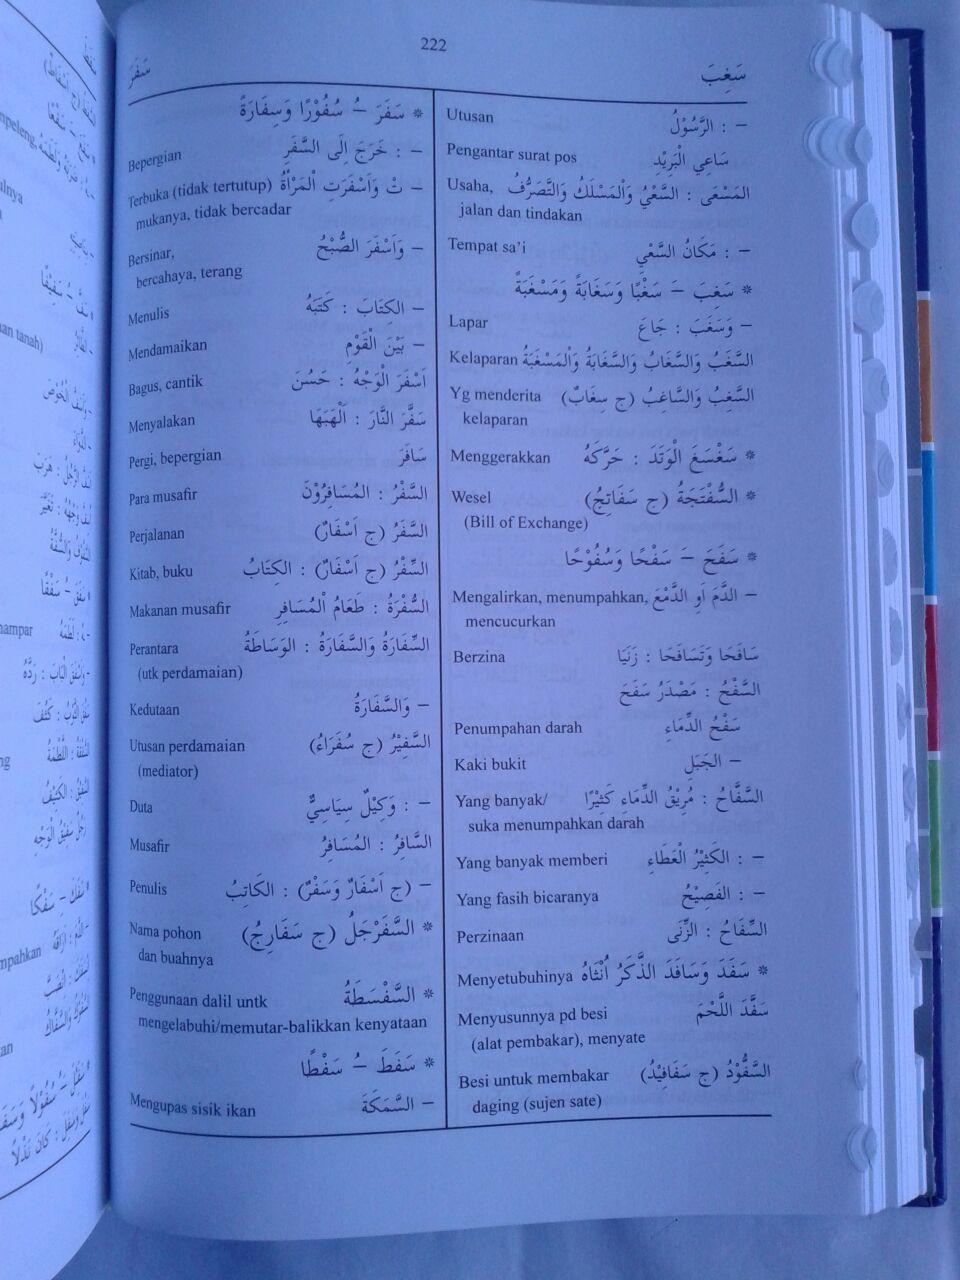 Buku Kamus Al-Munawwir Lit-Tullab Arab-Indonesia isi